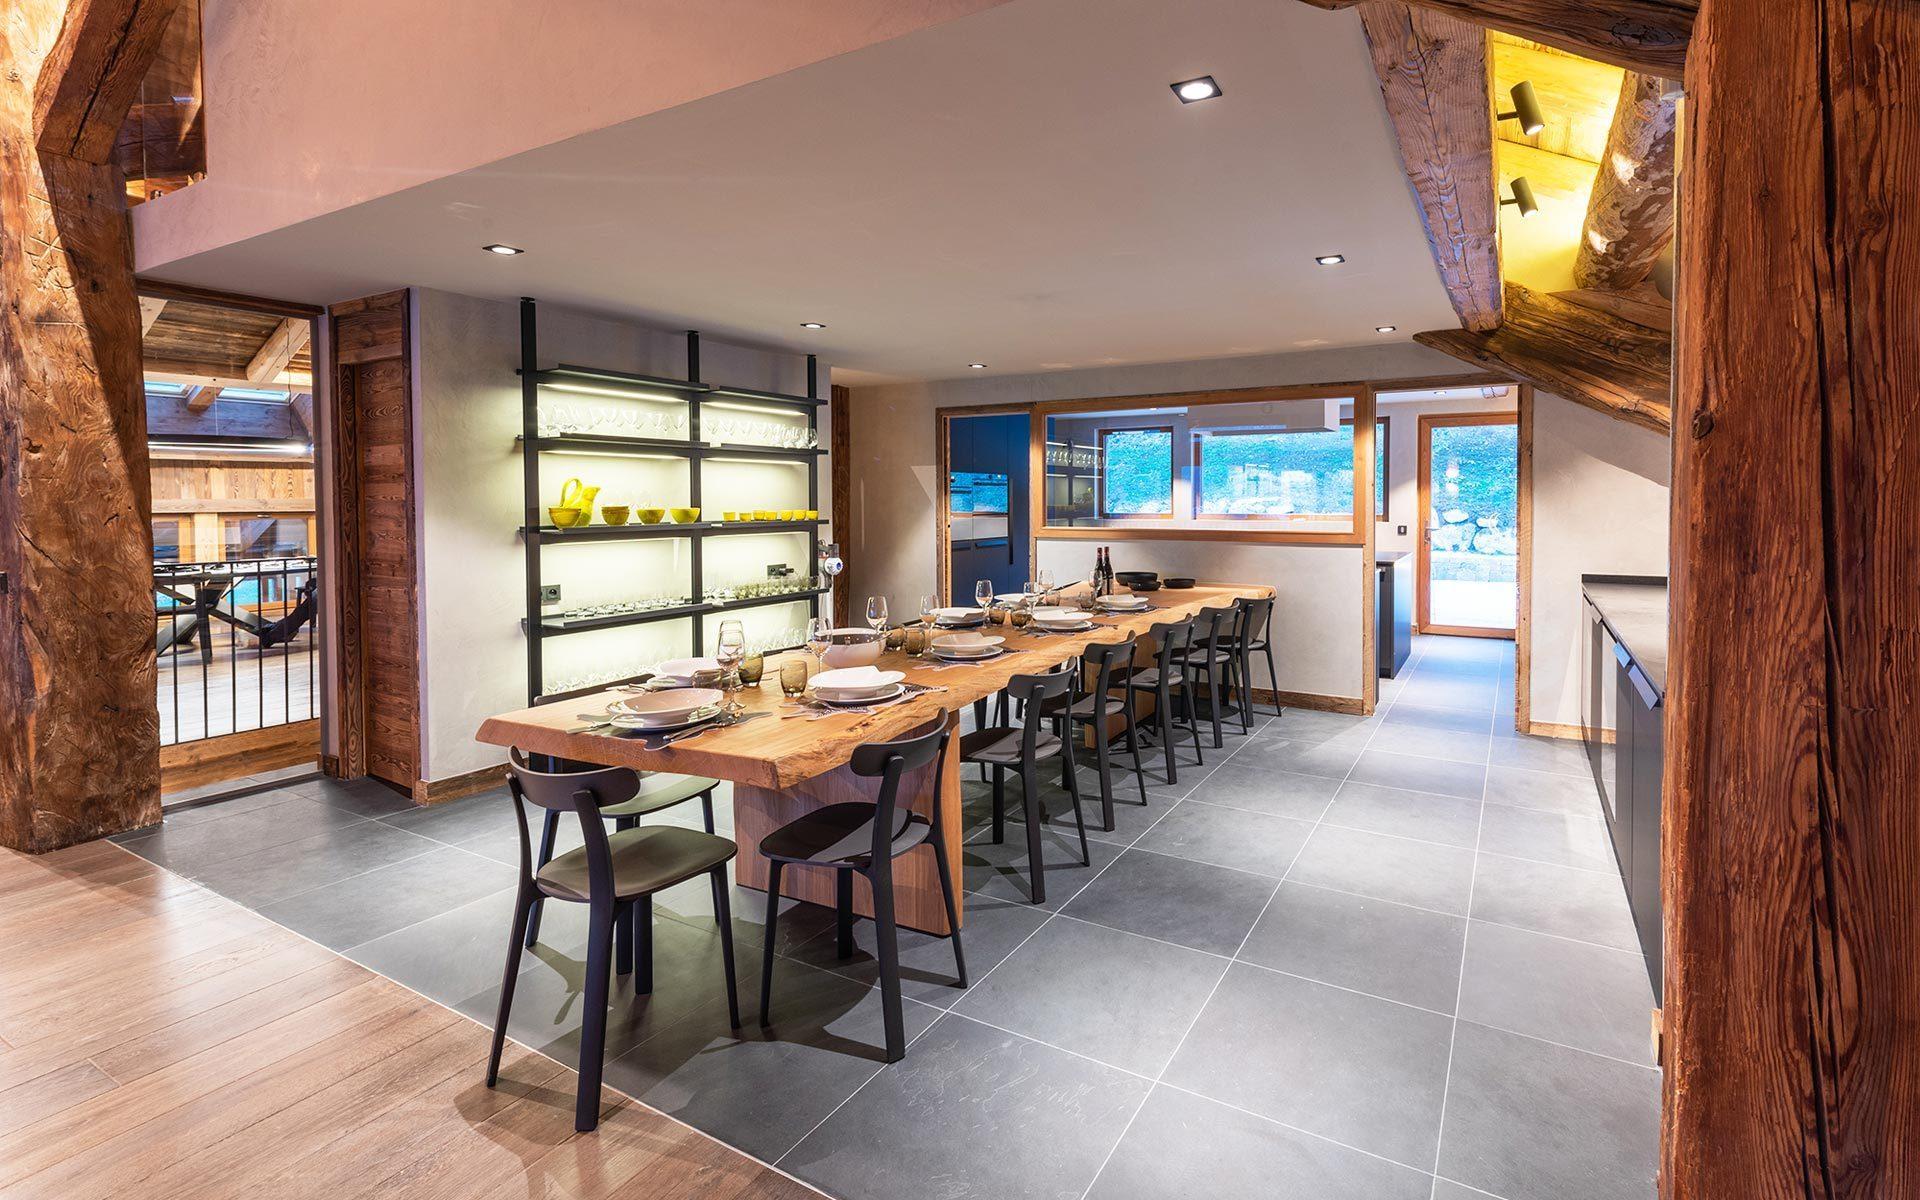 chalet-luxe-lodge-les-murailles-manigold-alpes-incentive-ski-salle-a-manger-seminaires-de-caractere